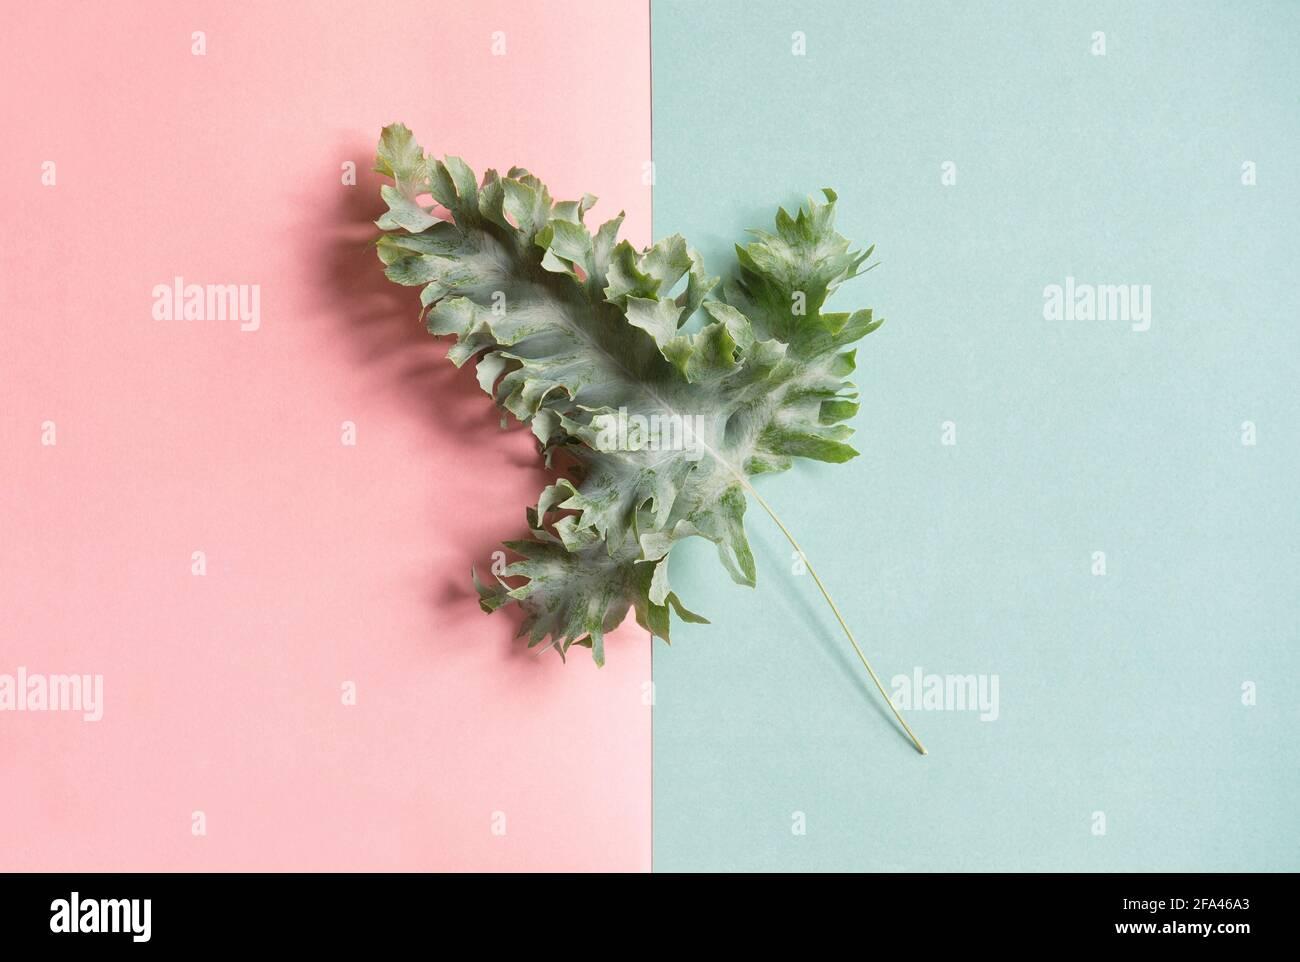 Feuille de Phlebodium verte sur fond bleu rose. Couche plate à motif fleuri minimaliste Banque D'Images